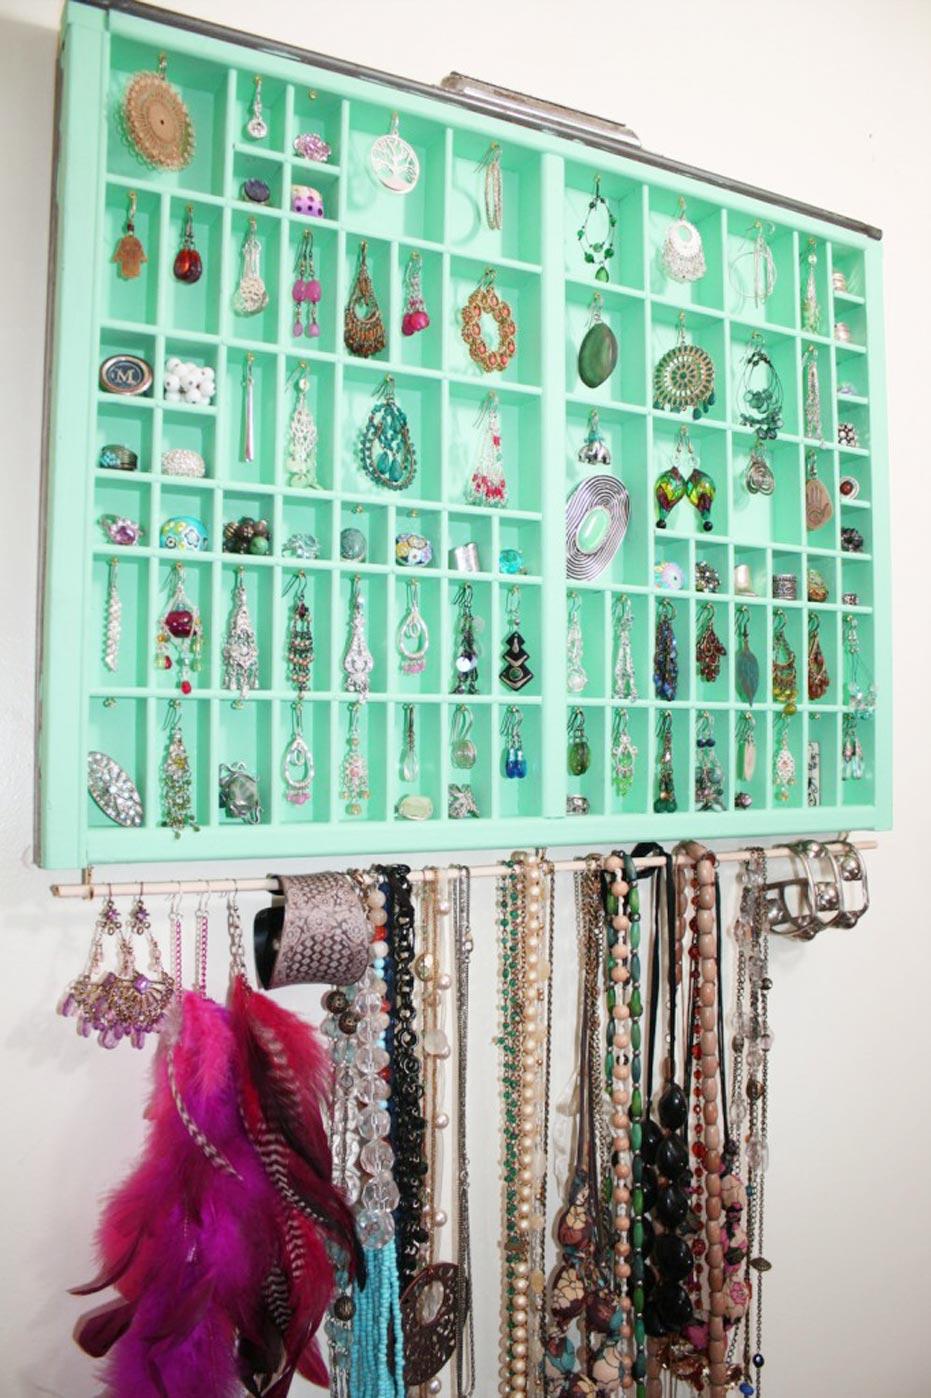 Bracelet Storage On The Wall